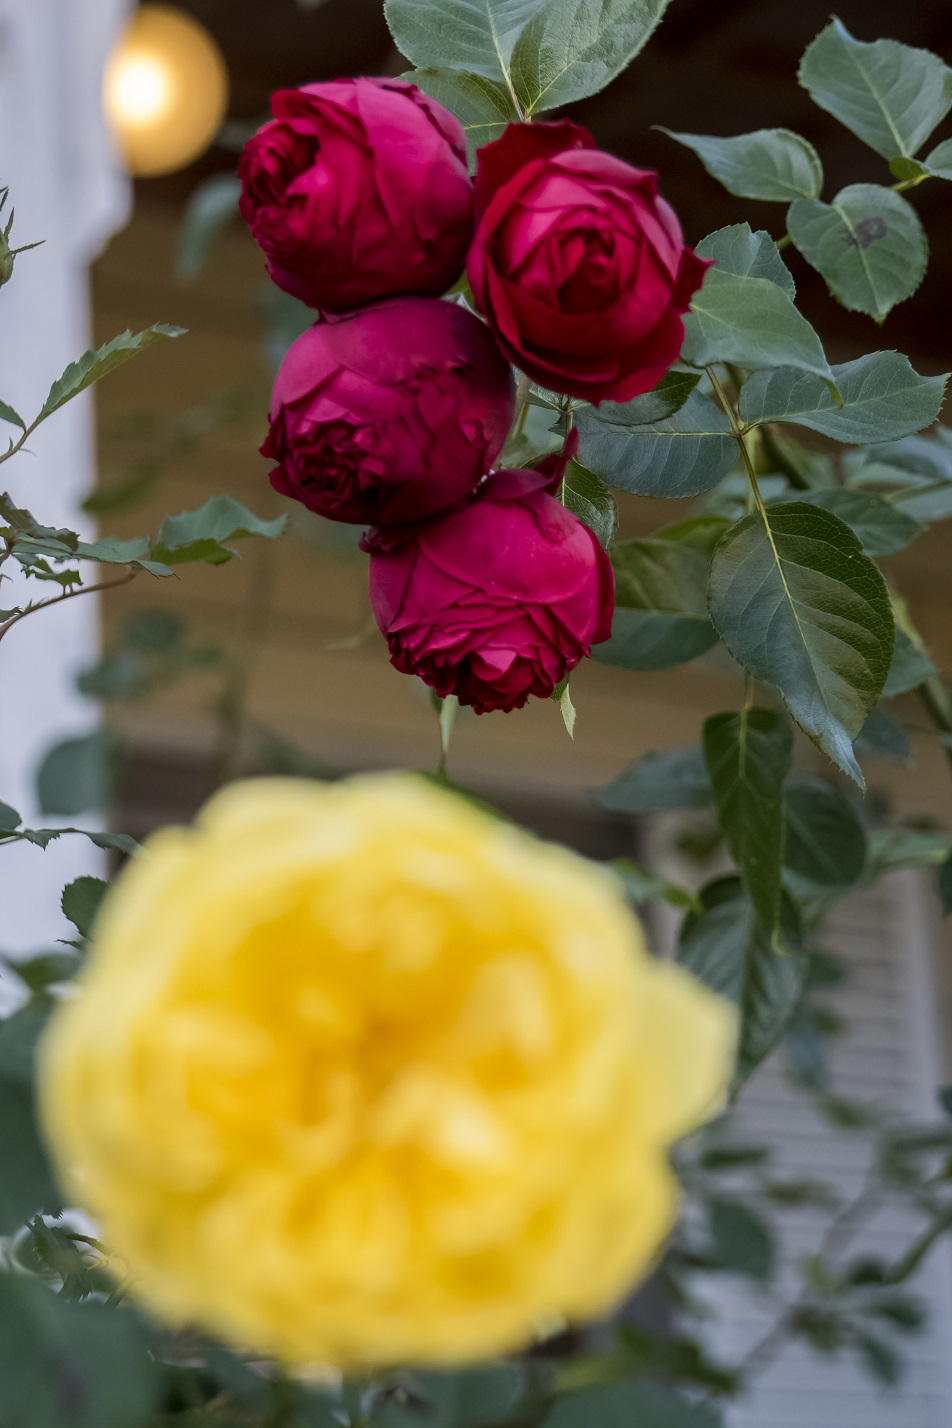 南山手レストハウス(旧清水氏住宅、南山手乙27番館) に咲くバラ